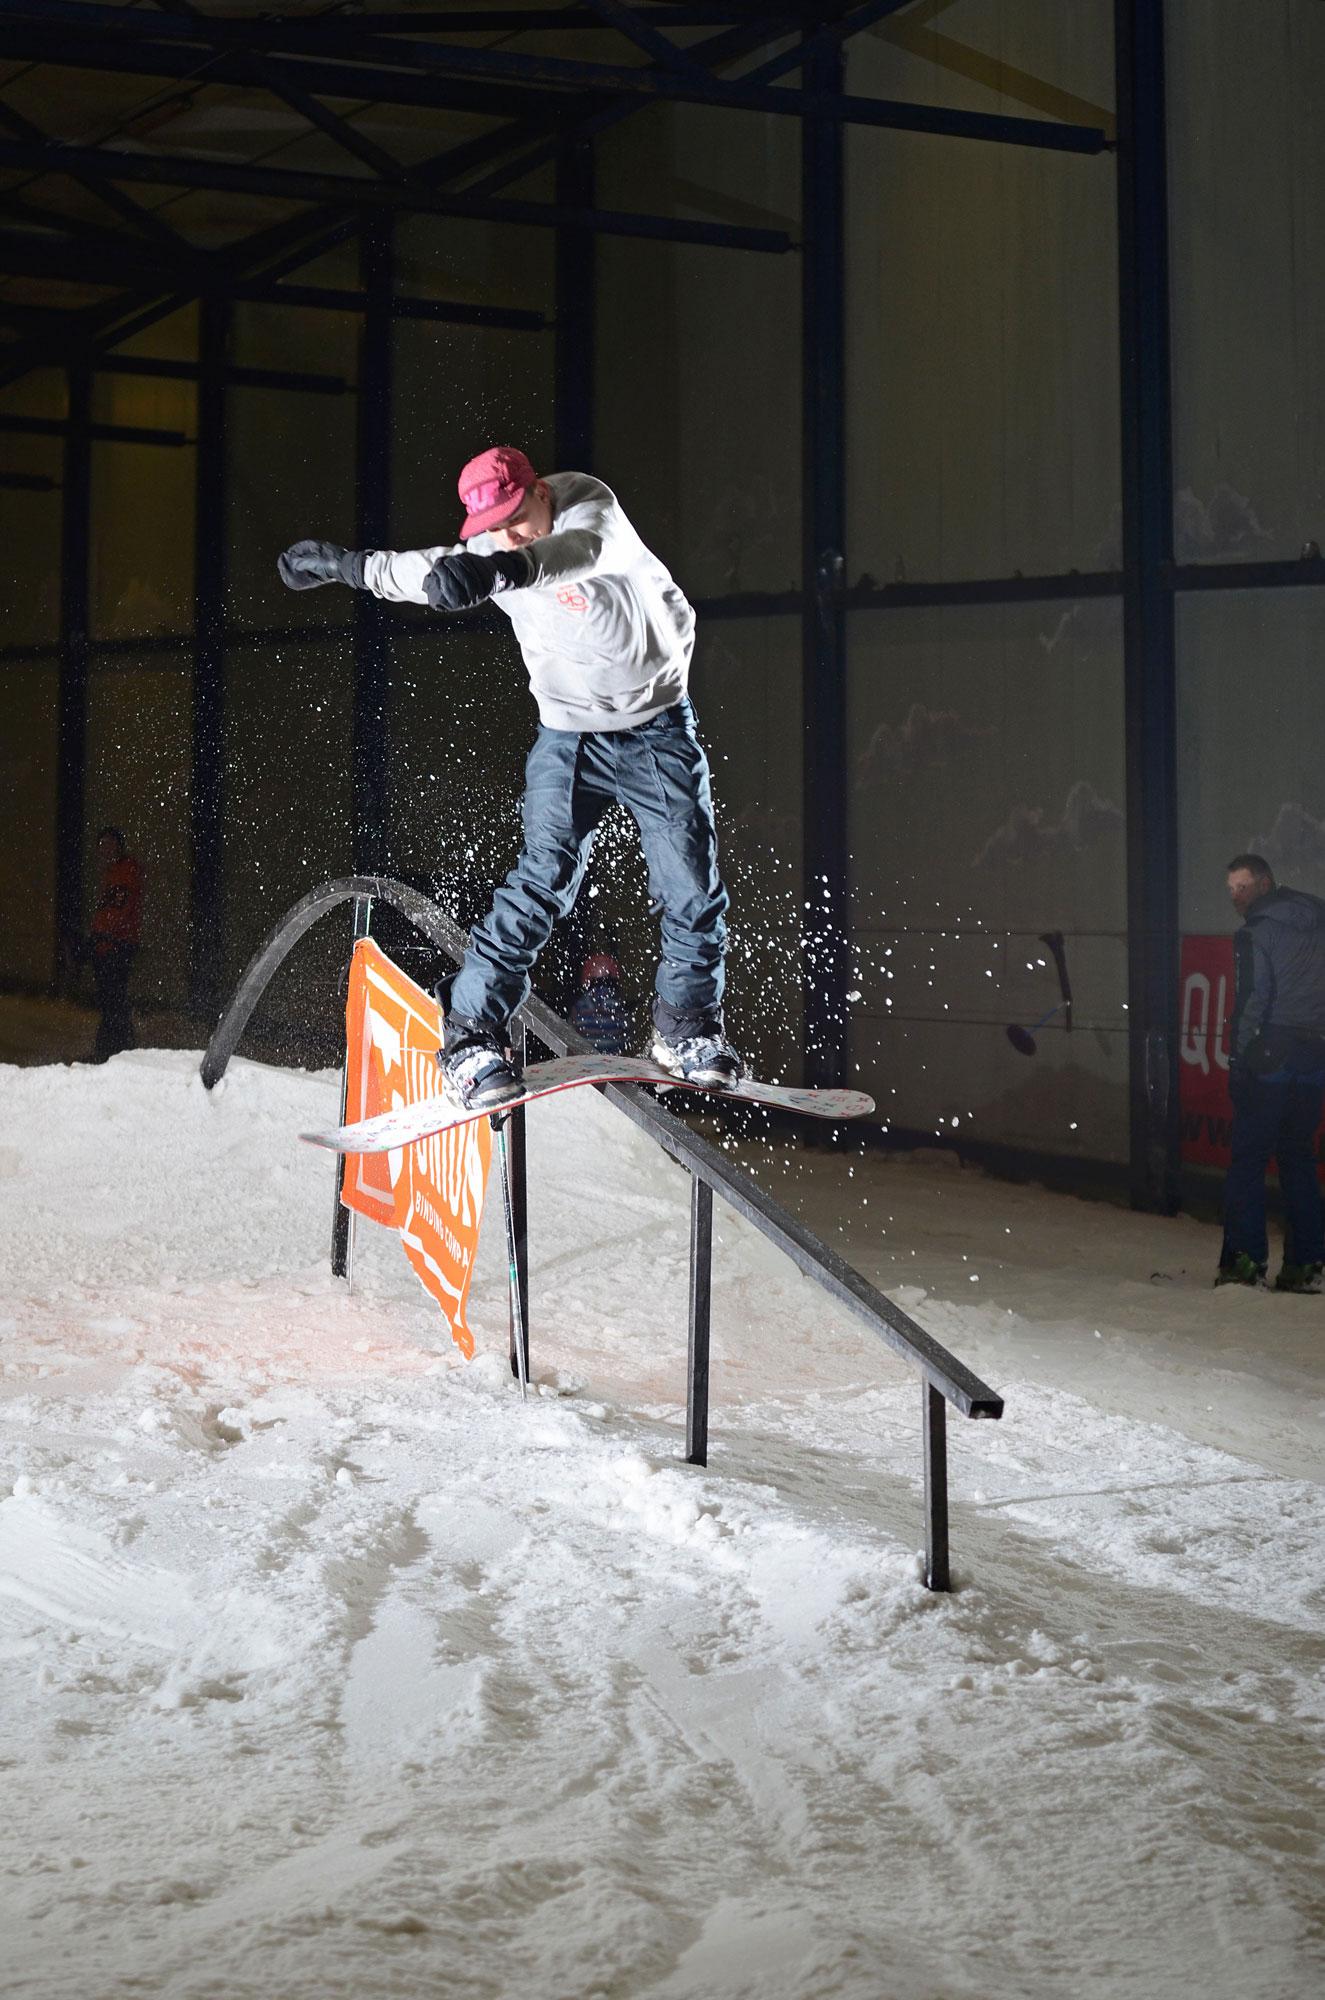 Jean Paul Hendrix. Boardslide. Photo: Jascha vd Wijden